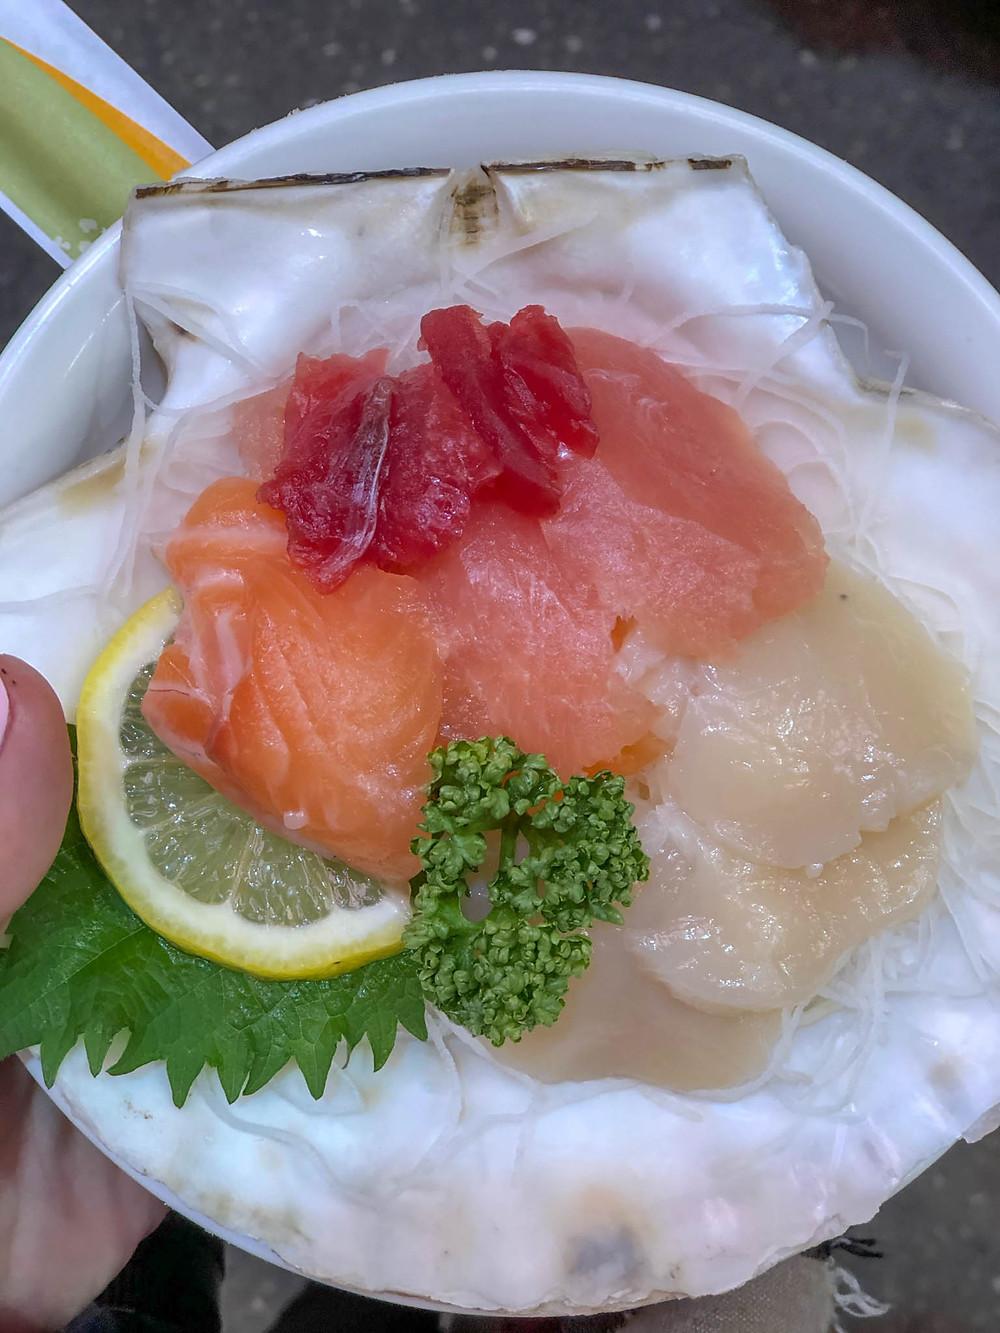 סשימי, סושי, יפן, דגים, טוקיו